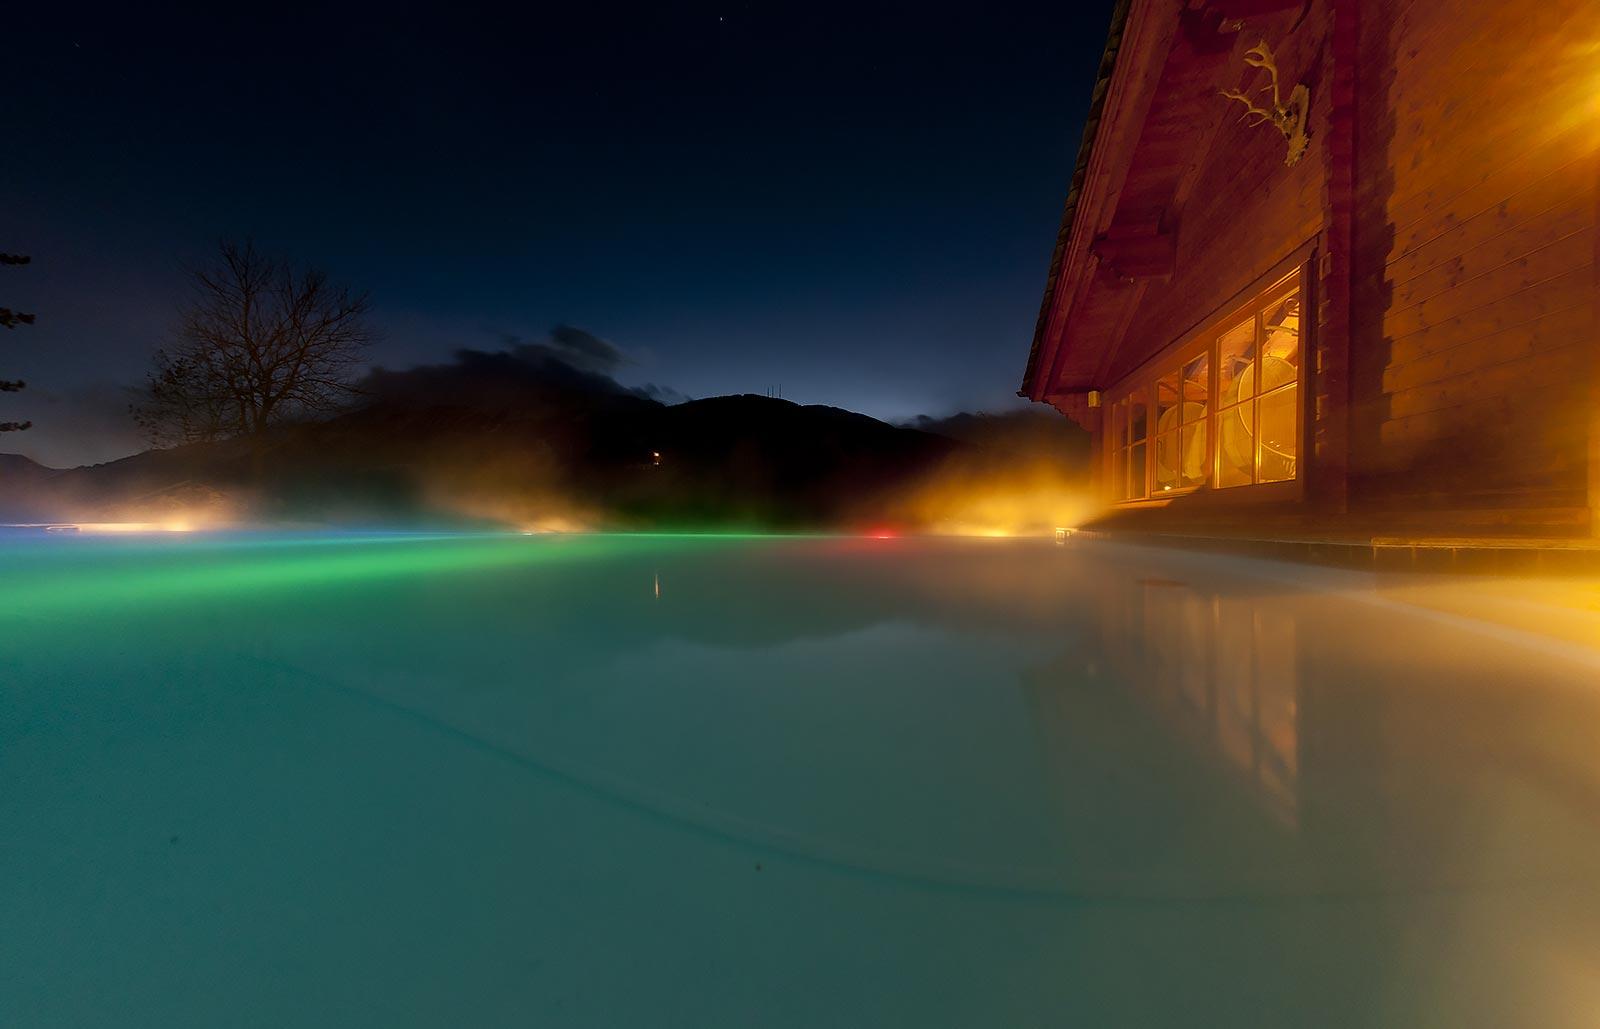 vasca di acqua calda con luci variopinte allesterno di una casa in legno